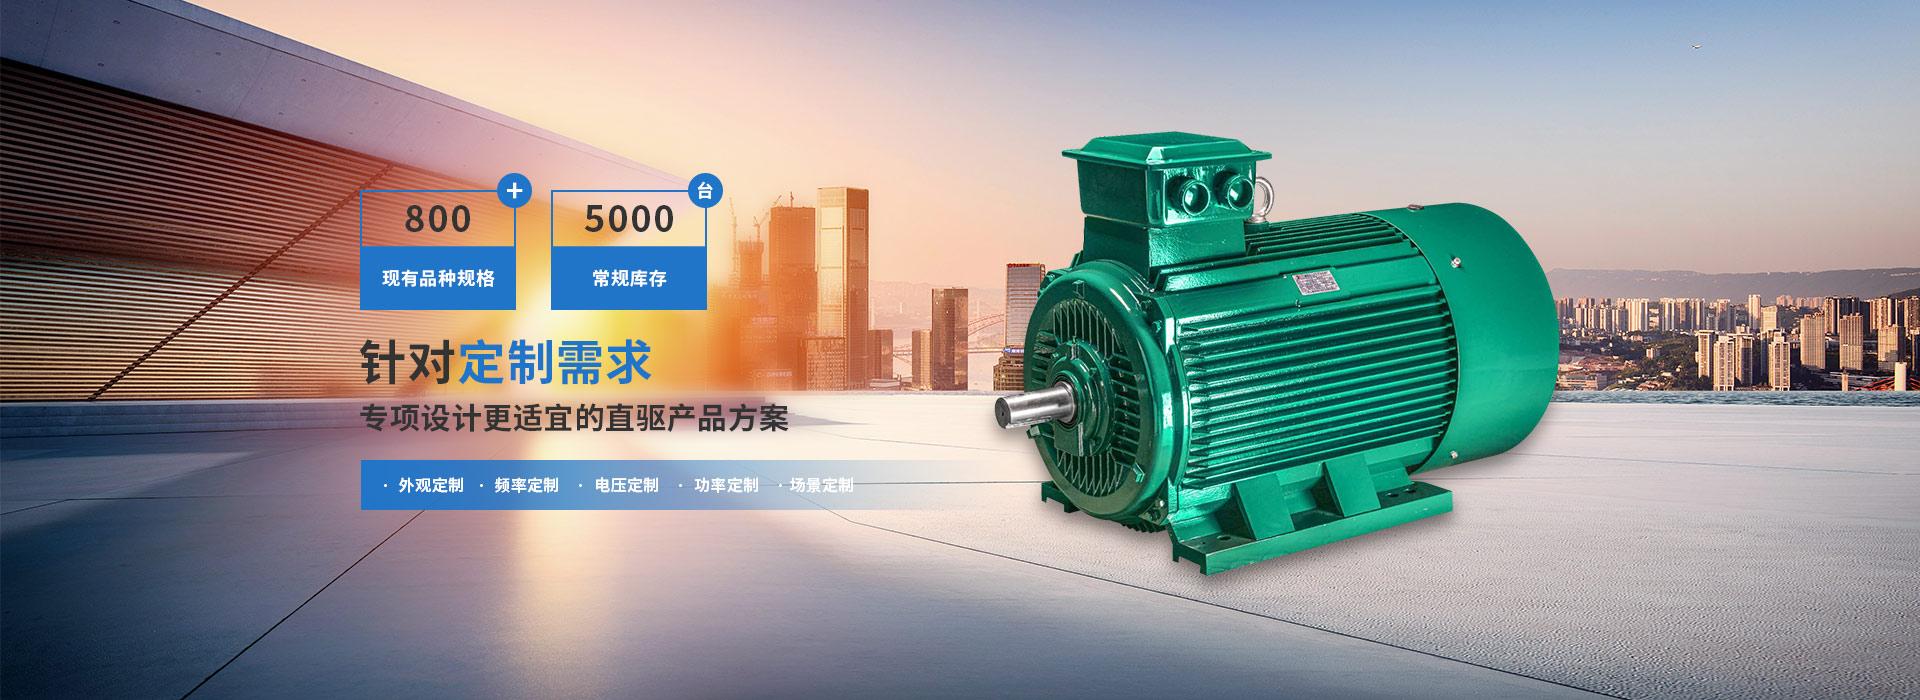 鑫特电机800+现有品种规格